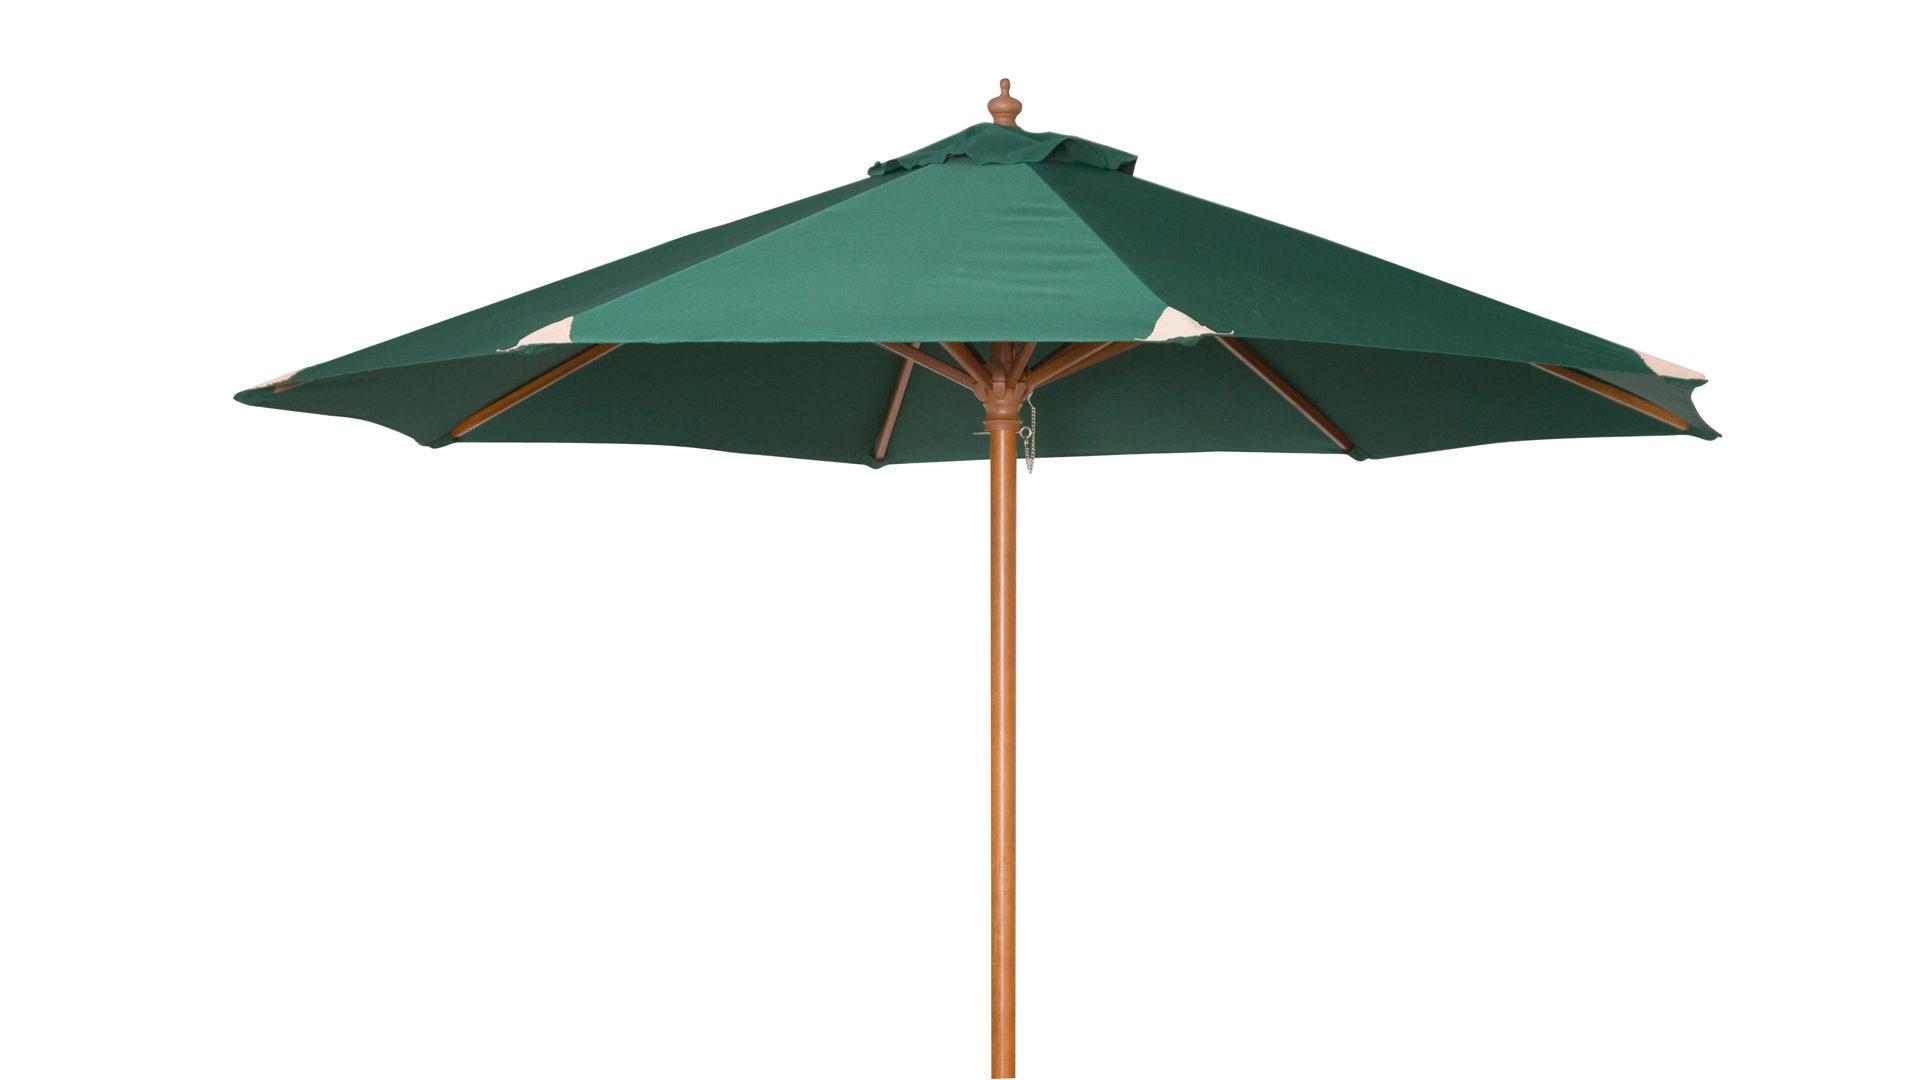 Mobel Brameyer Siena Garden Sonnenschirm Teaklook Balkonmobel